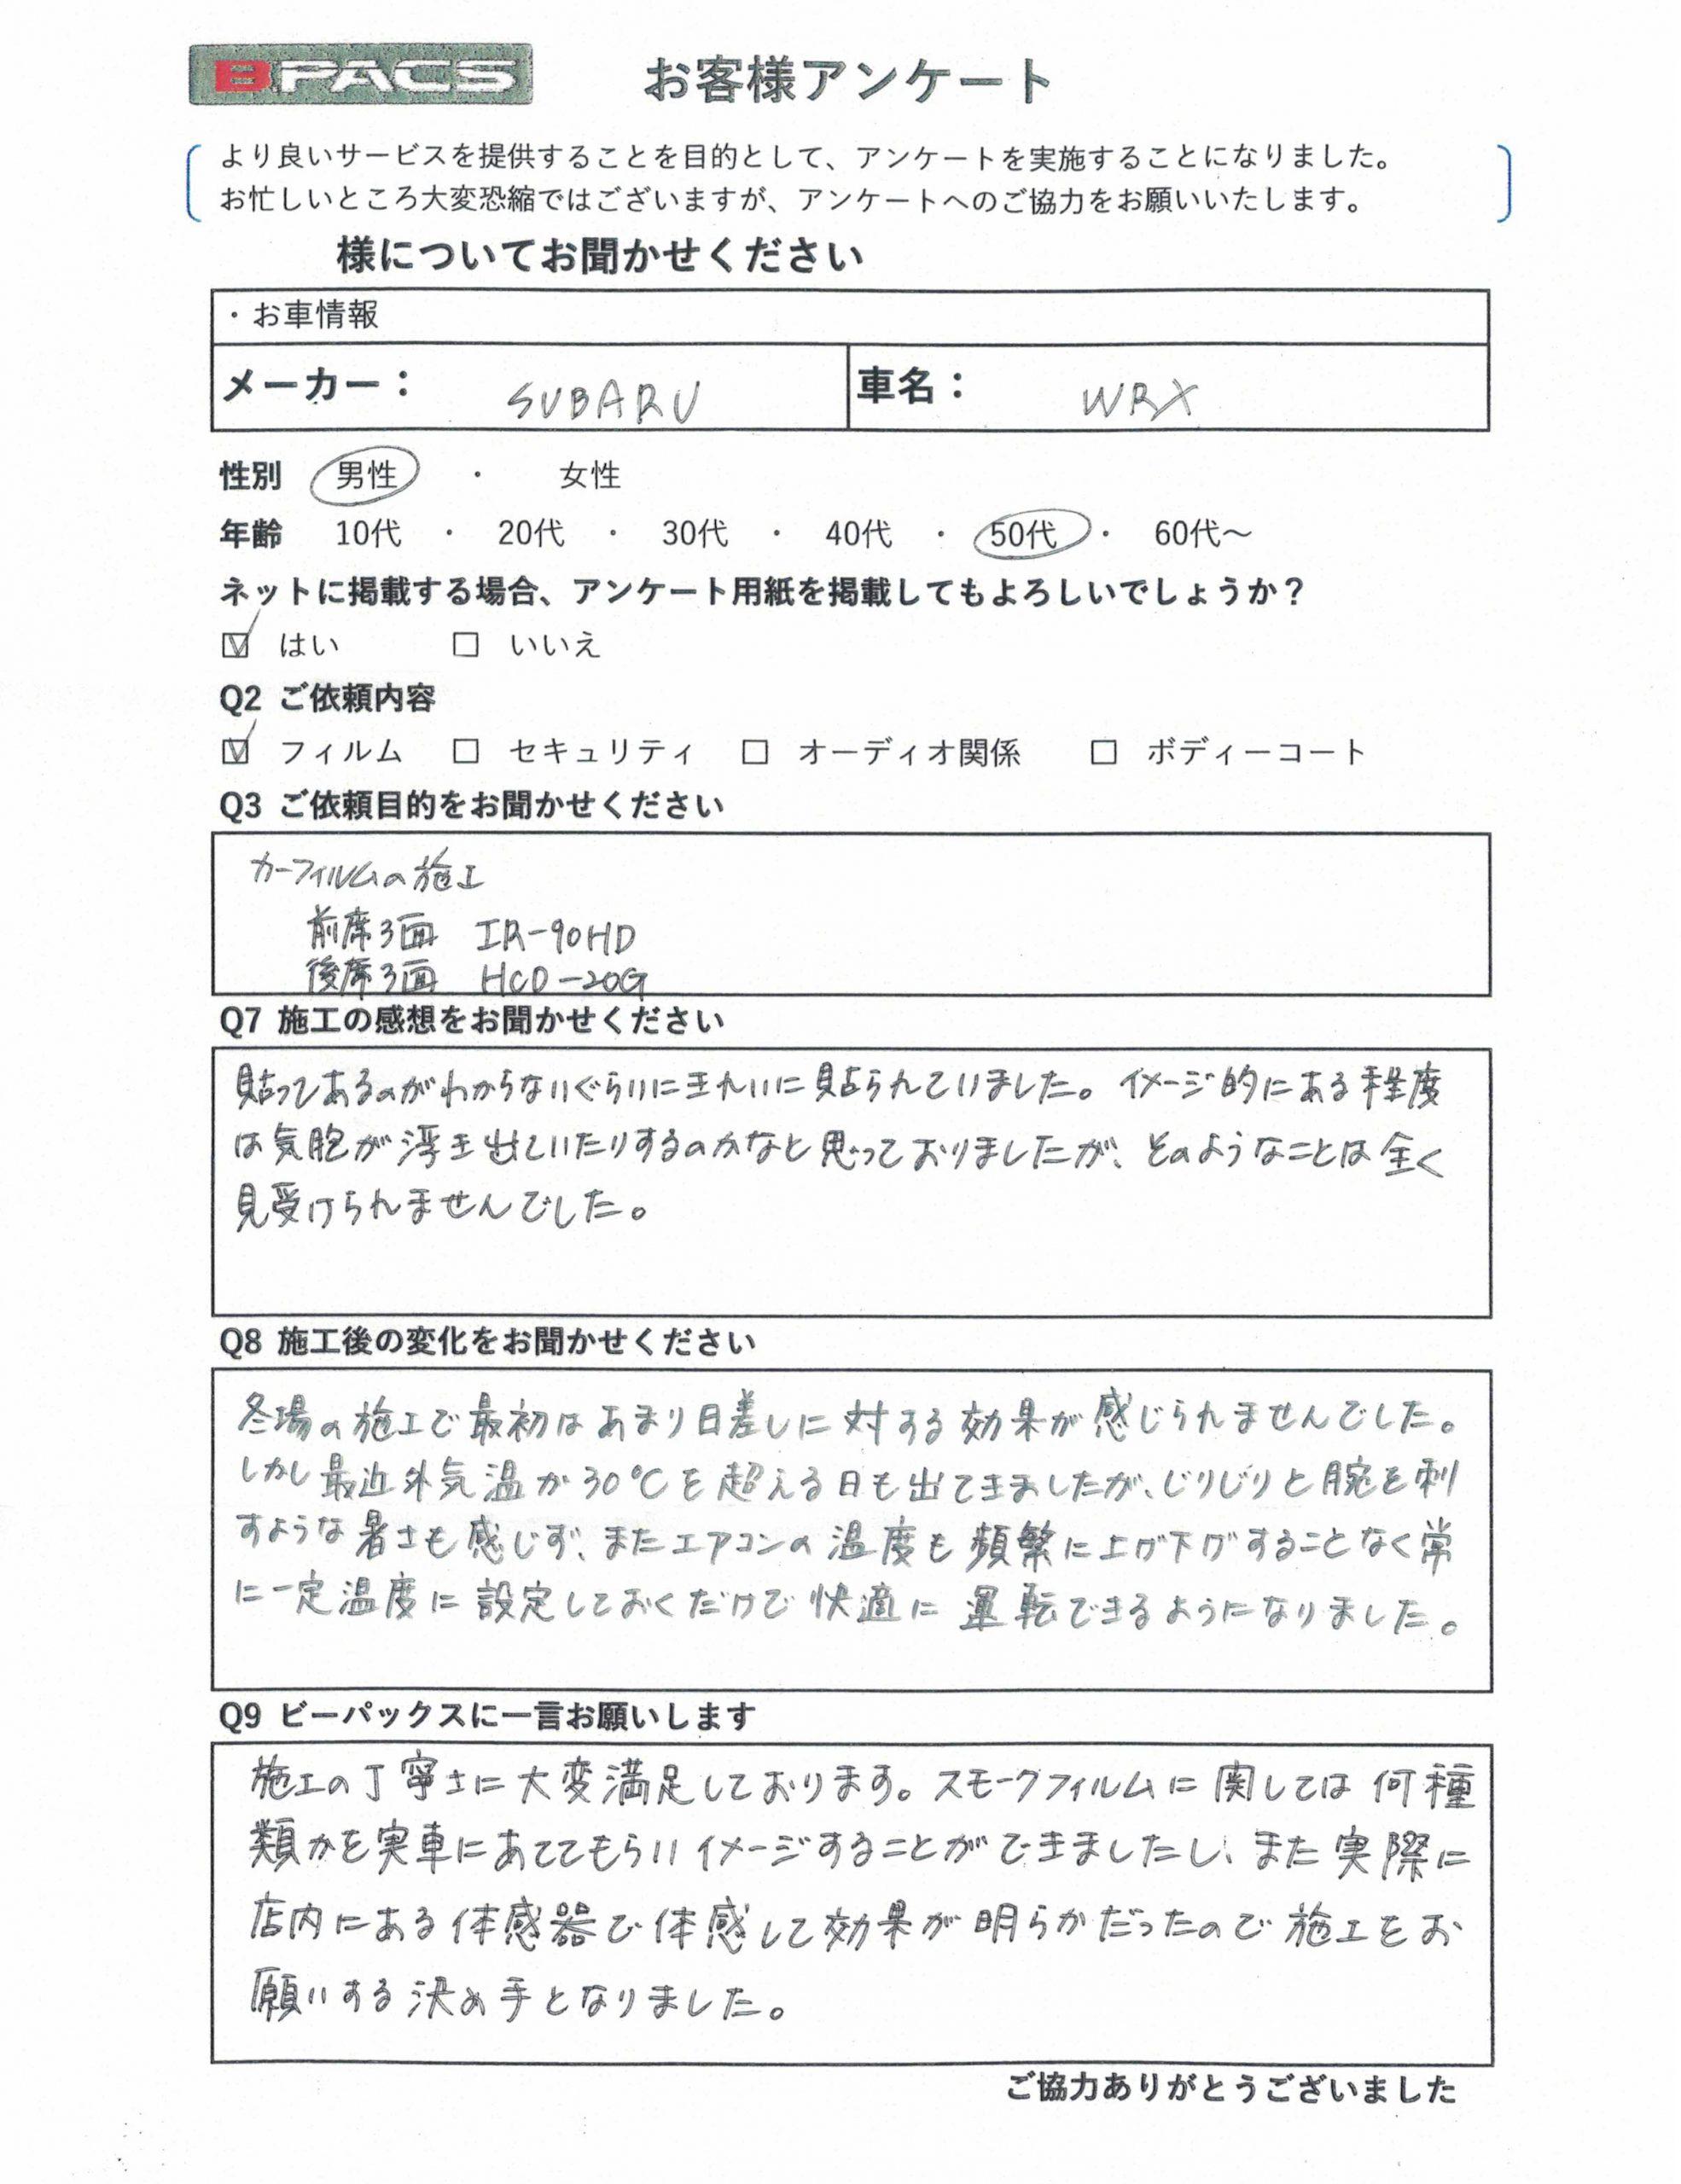 ビーパックスへのクチコミ/お客様の声:T.O. 様(滋賀県大津市)/スバル WRX